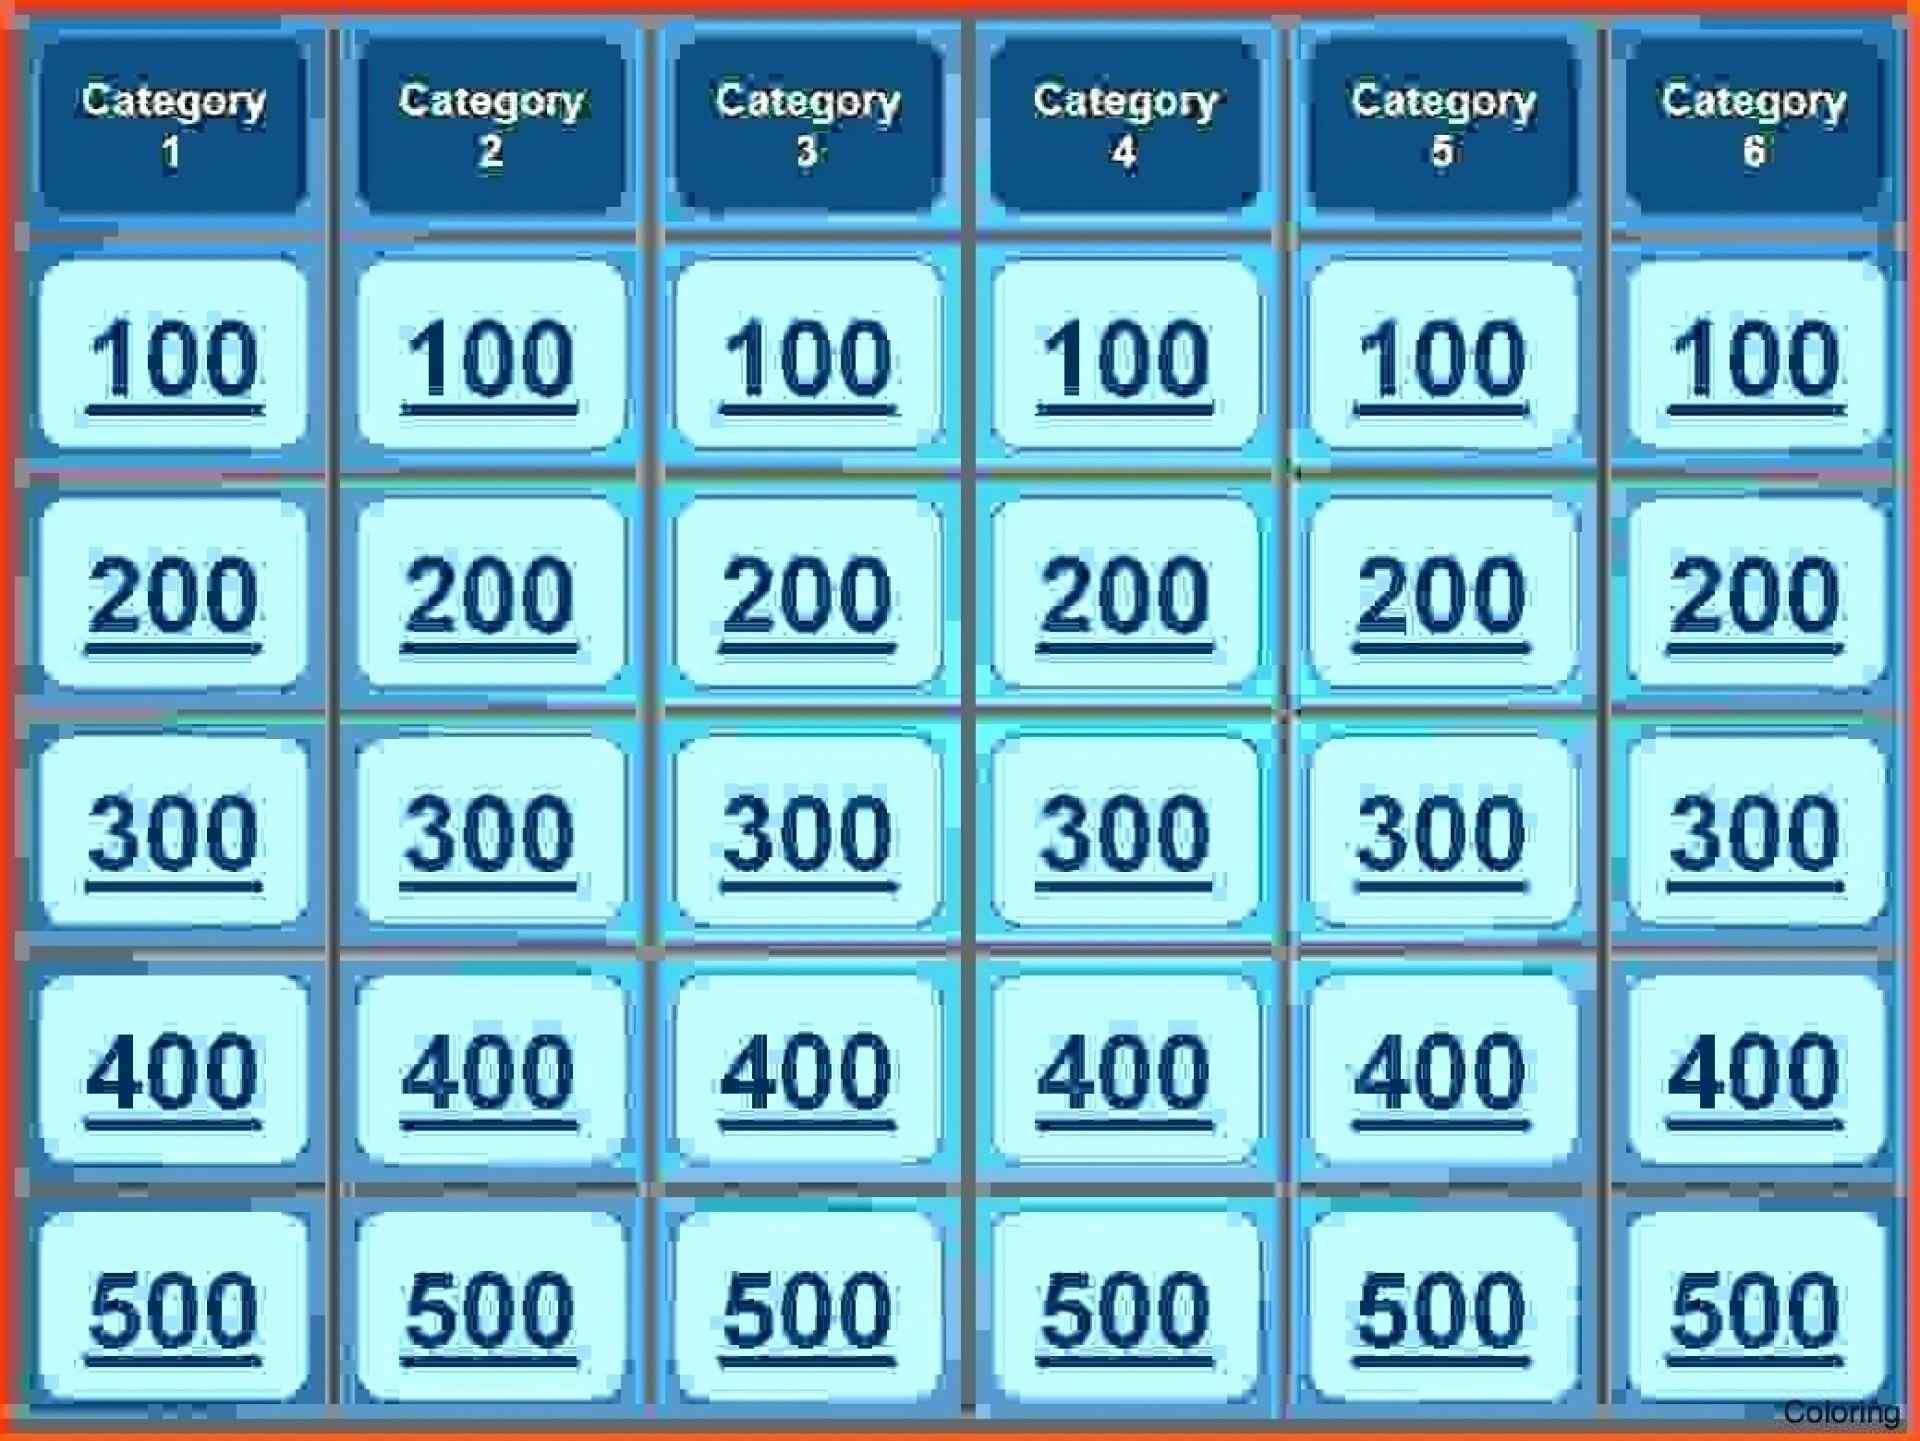 Jeopardy Board Template Fresh Free Jeopardy Template Powerpoint Free - Free Printable Jeopardy Template